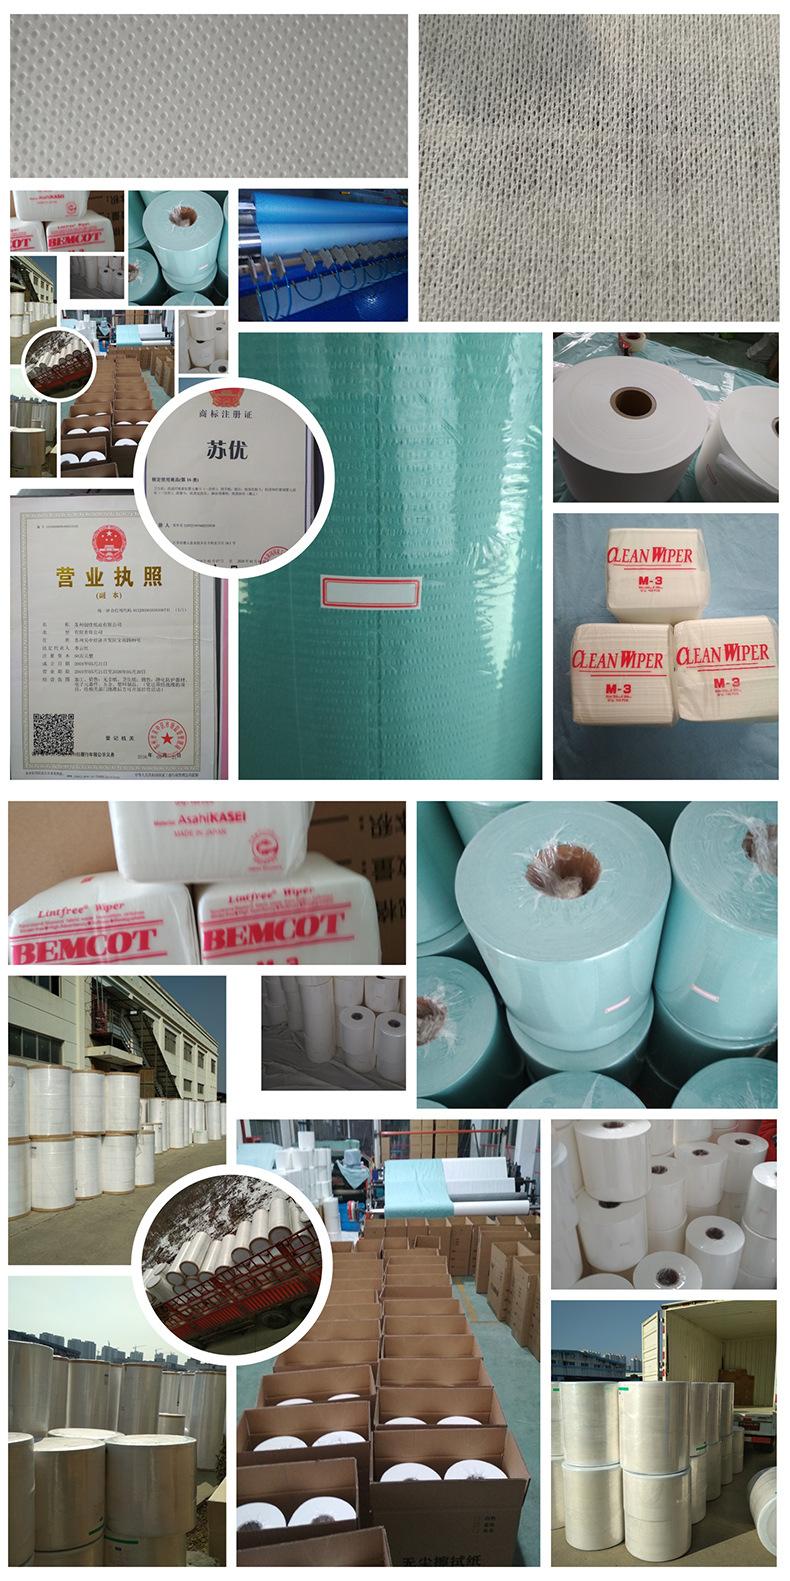 Fabrika Fiyat Odun Hamuru Endüstriyel temiz odamendilleri temizleme kağıdı Rulo